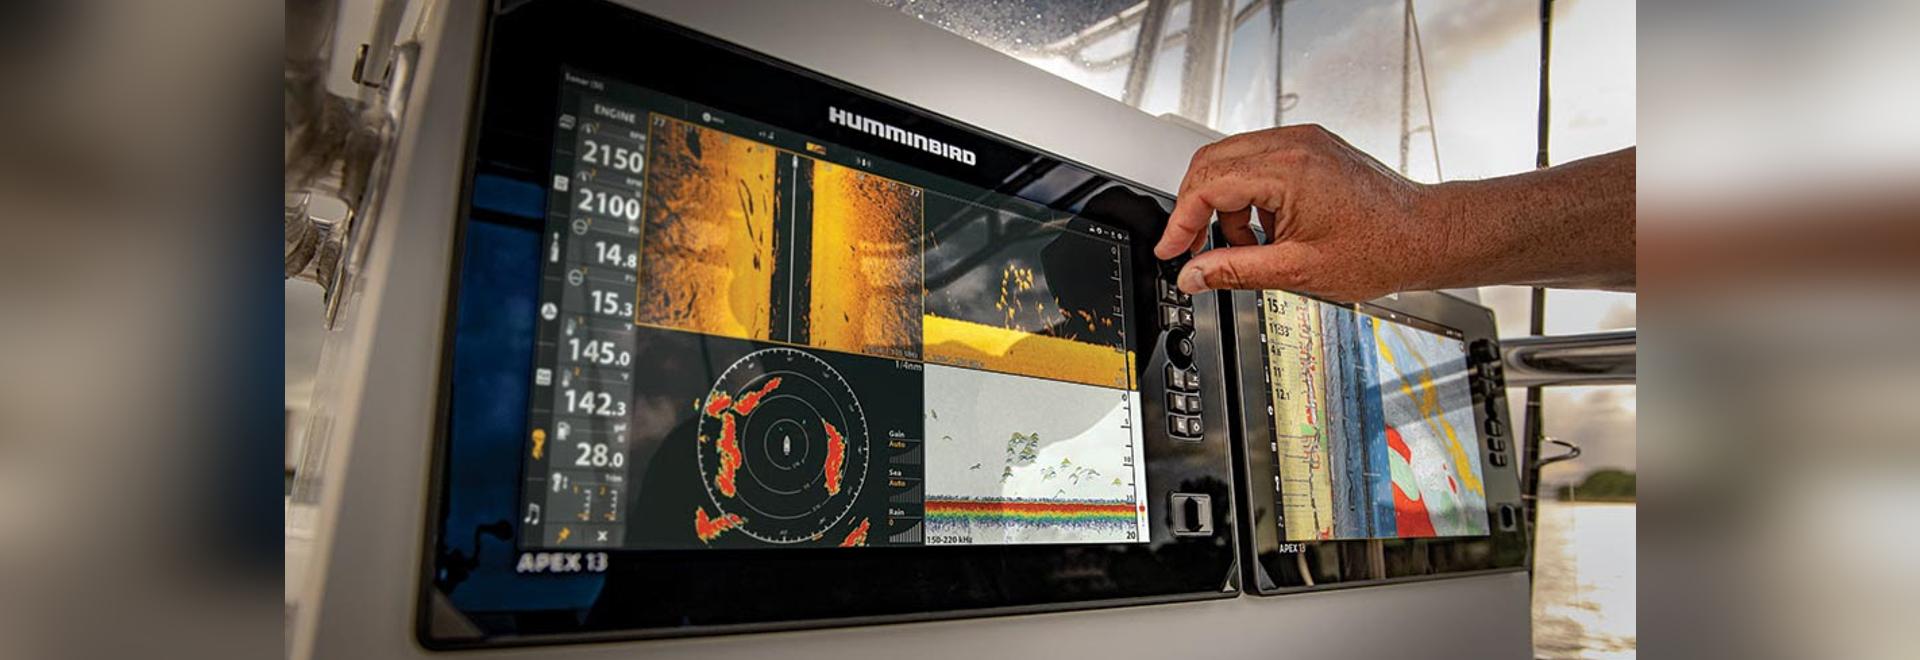 Humminbird stellt die APEX-Serie vor: Ein Premium-MFD mit Full-HD-Display, erstklassigem Sonar und Vernetzungsoptionen